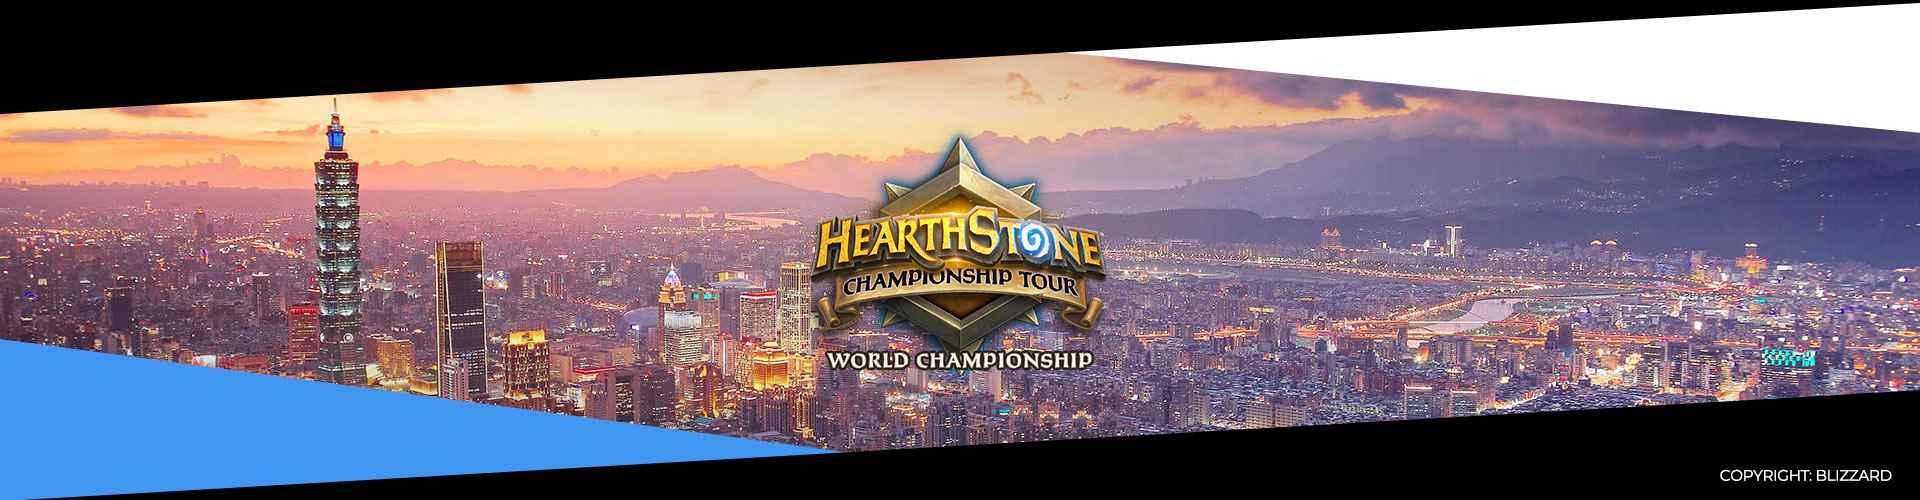 Hearthstone maailmanmestaruuskilpailut 2019